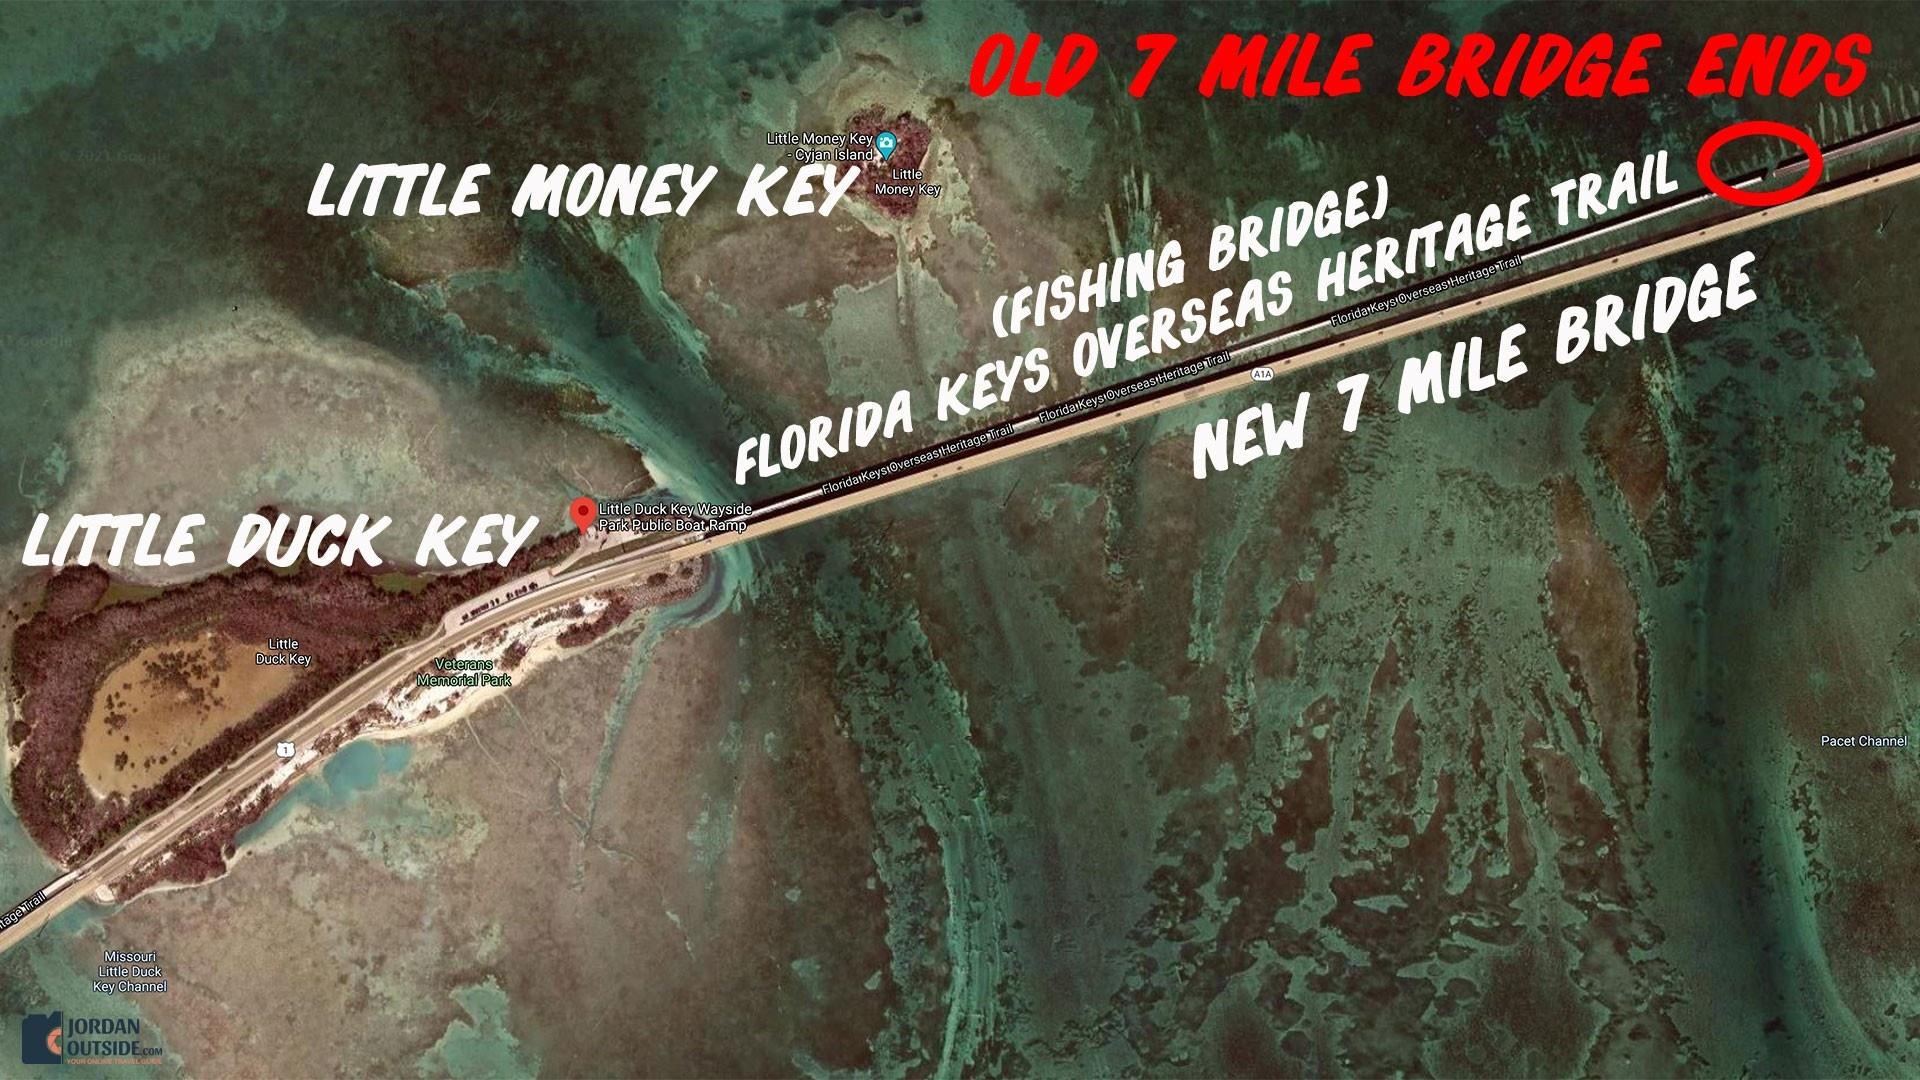 Little Duck Key Map of Fishing Bridge